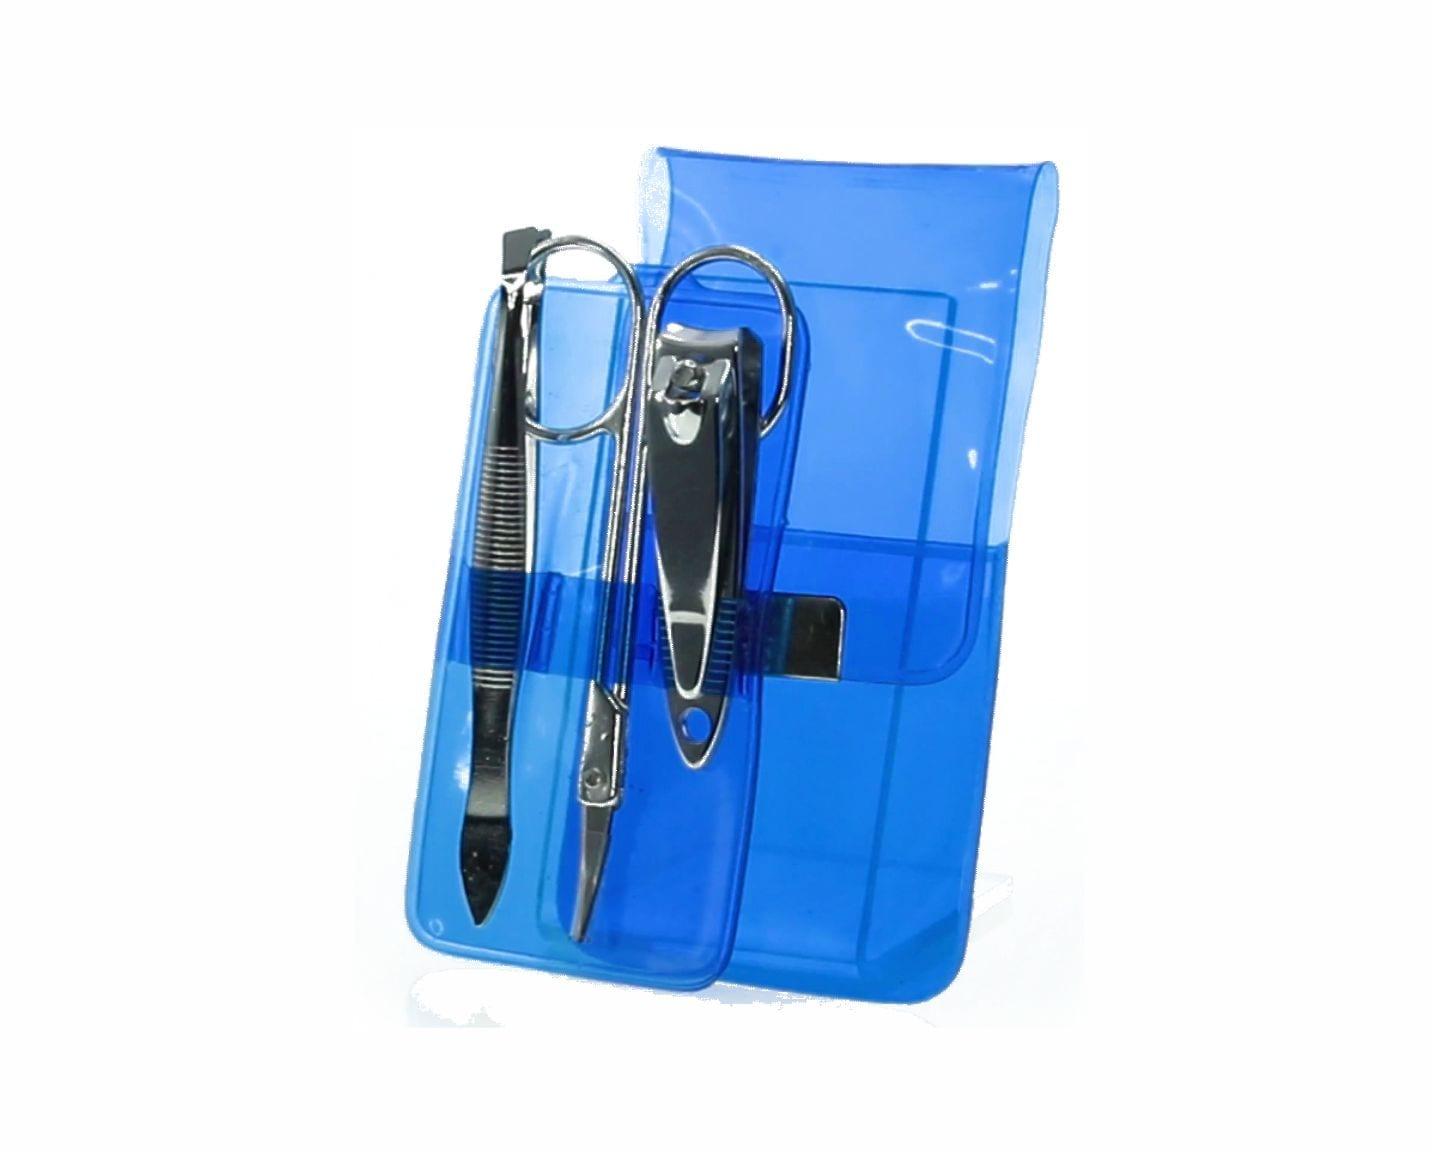 Set Manicura con 3 accesorios. Azul Regalos Promocionales. Marketing Directo. Regalo de Empresa. Promociones para Ferias y Eventos